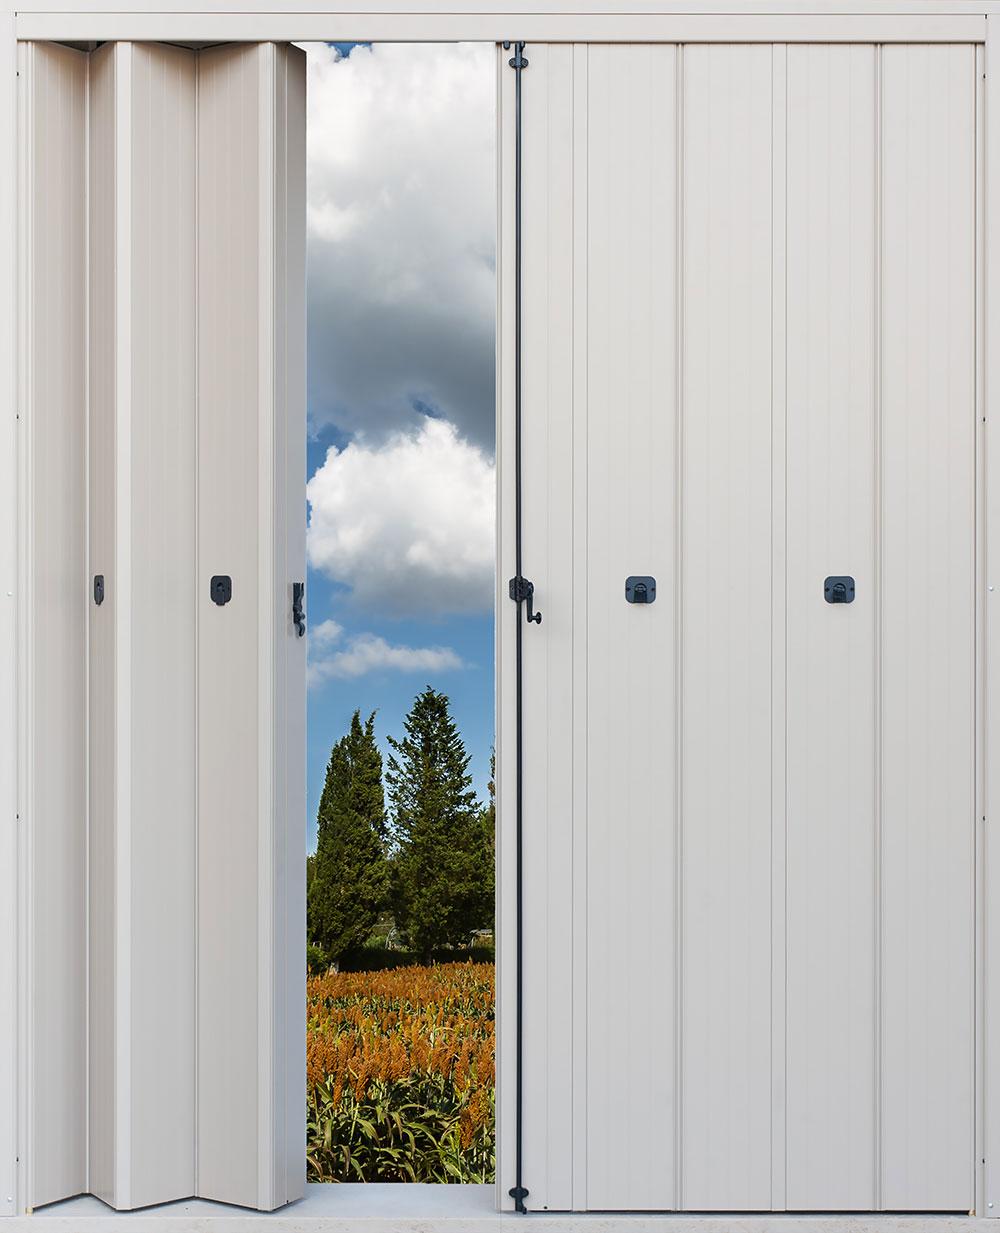 Ante a pacchetto minipack md alluminio - Pannelli oscuranti per finestre ...